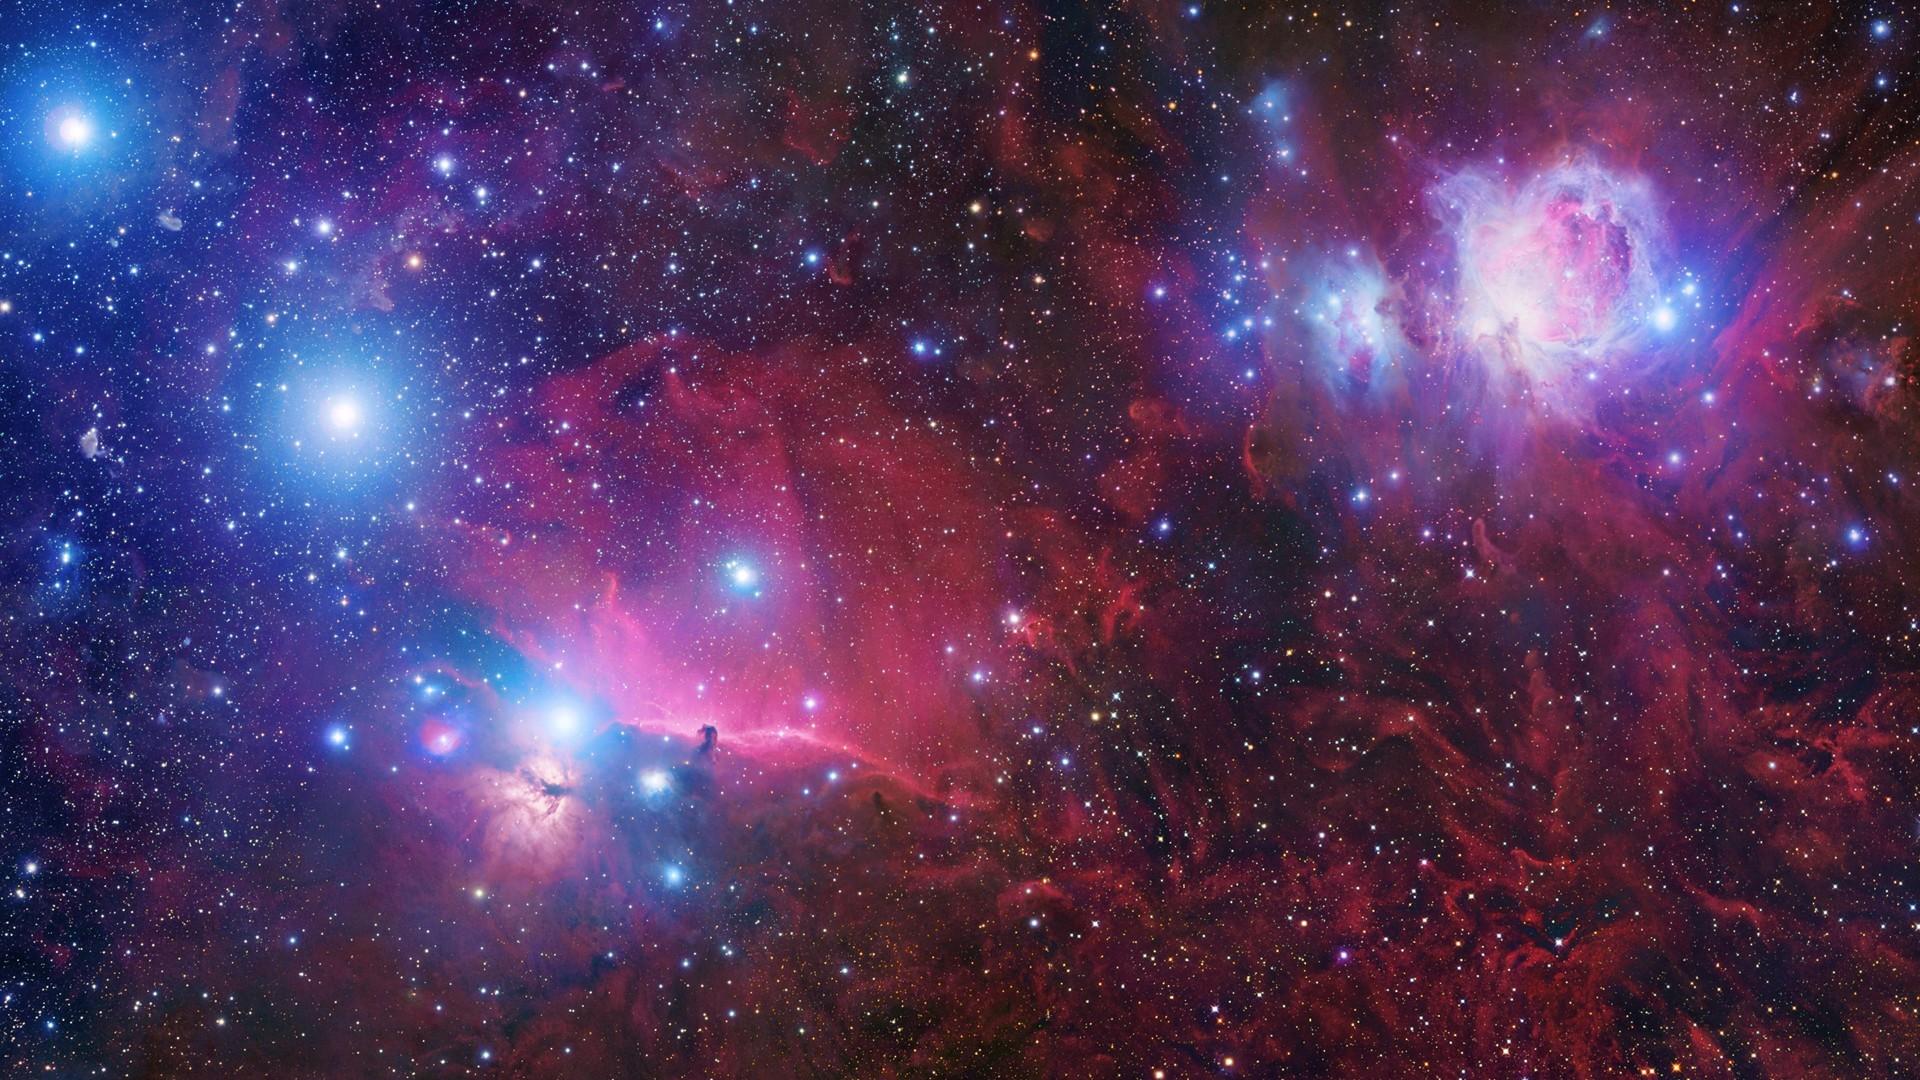 Colorful Hd Space Wallpaper Mobile[1920×1080] via Classy Bro